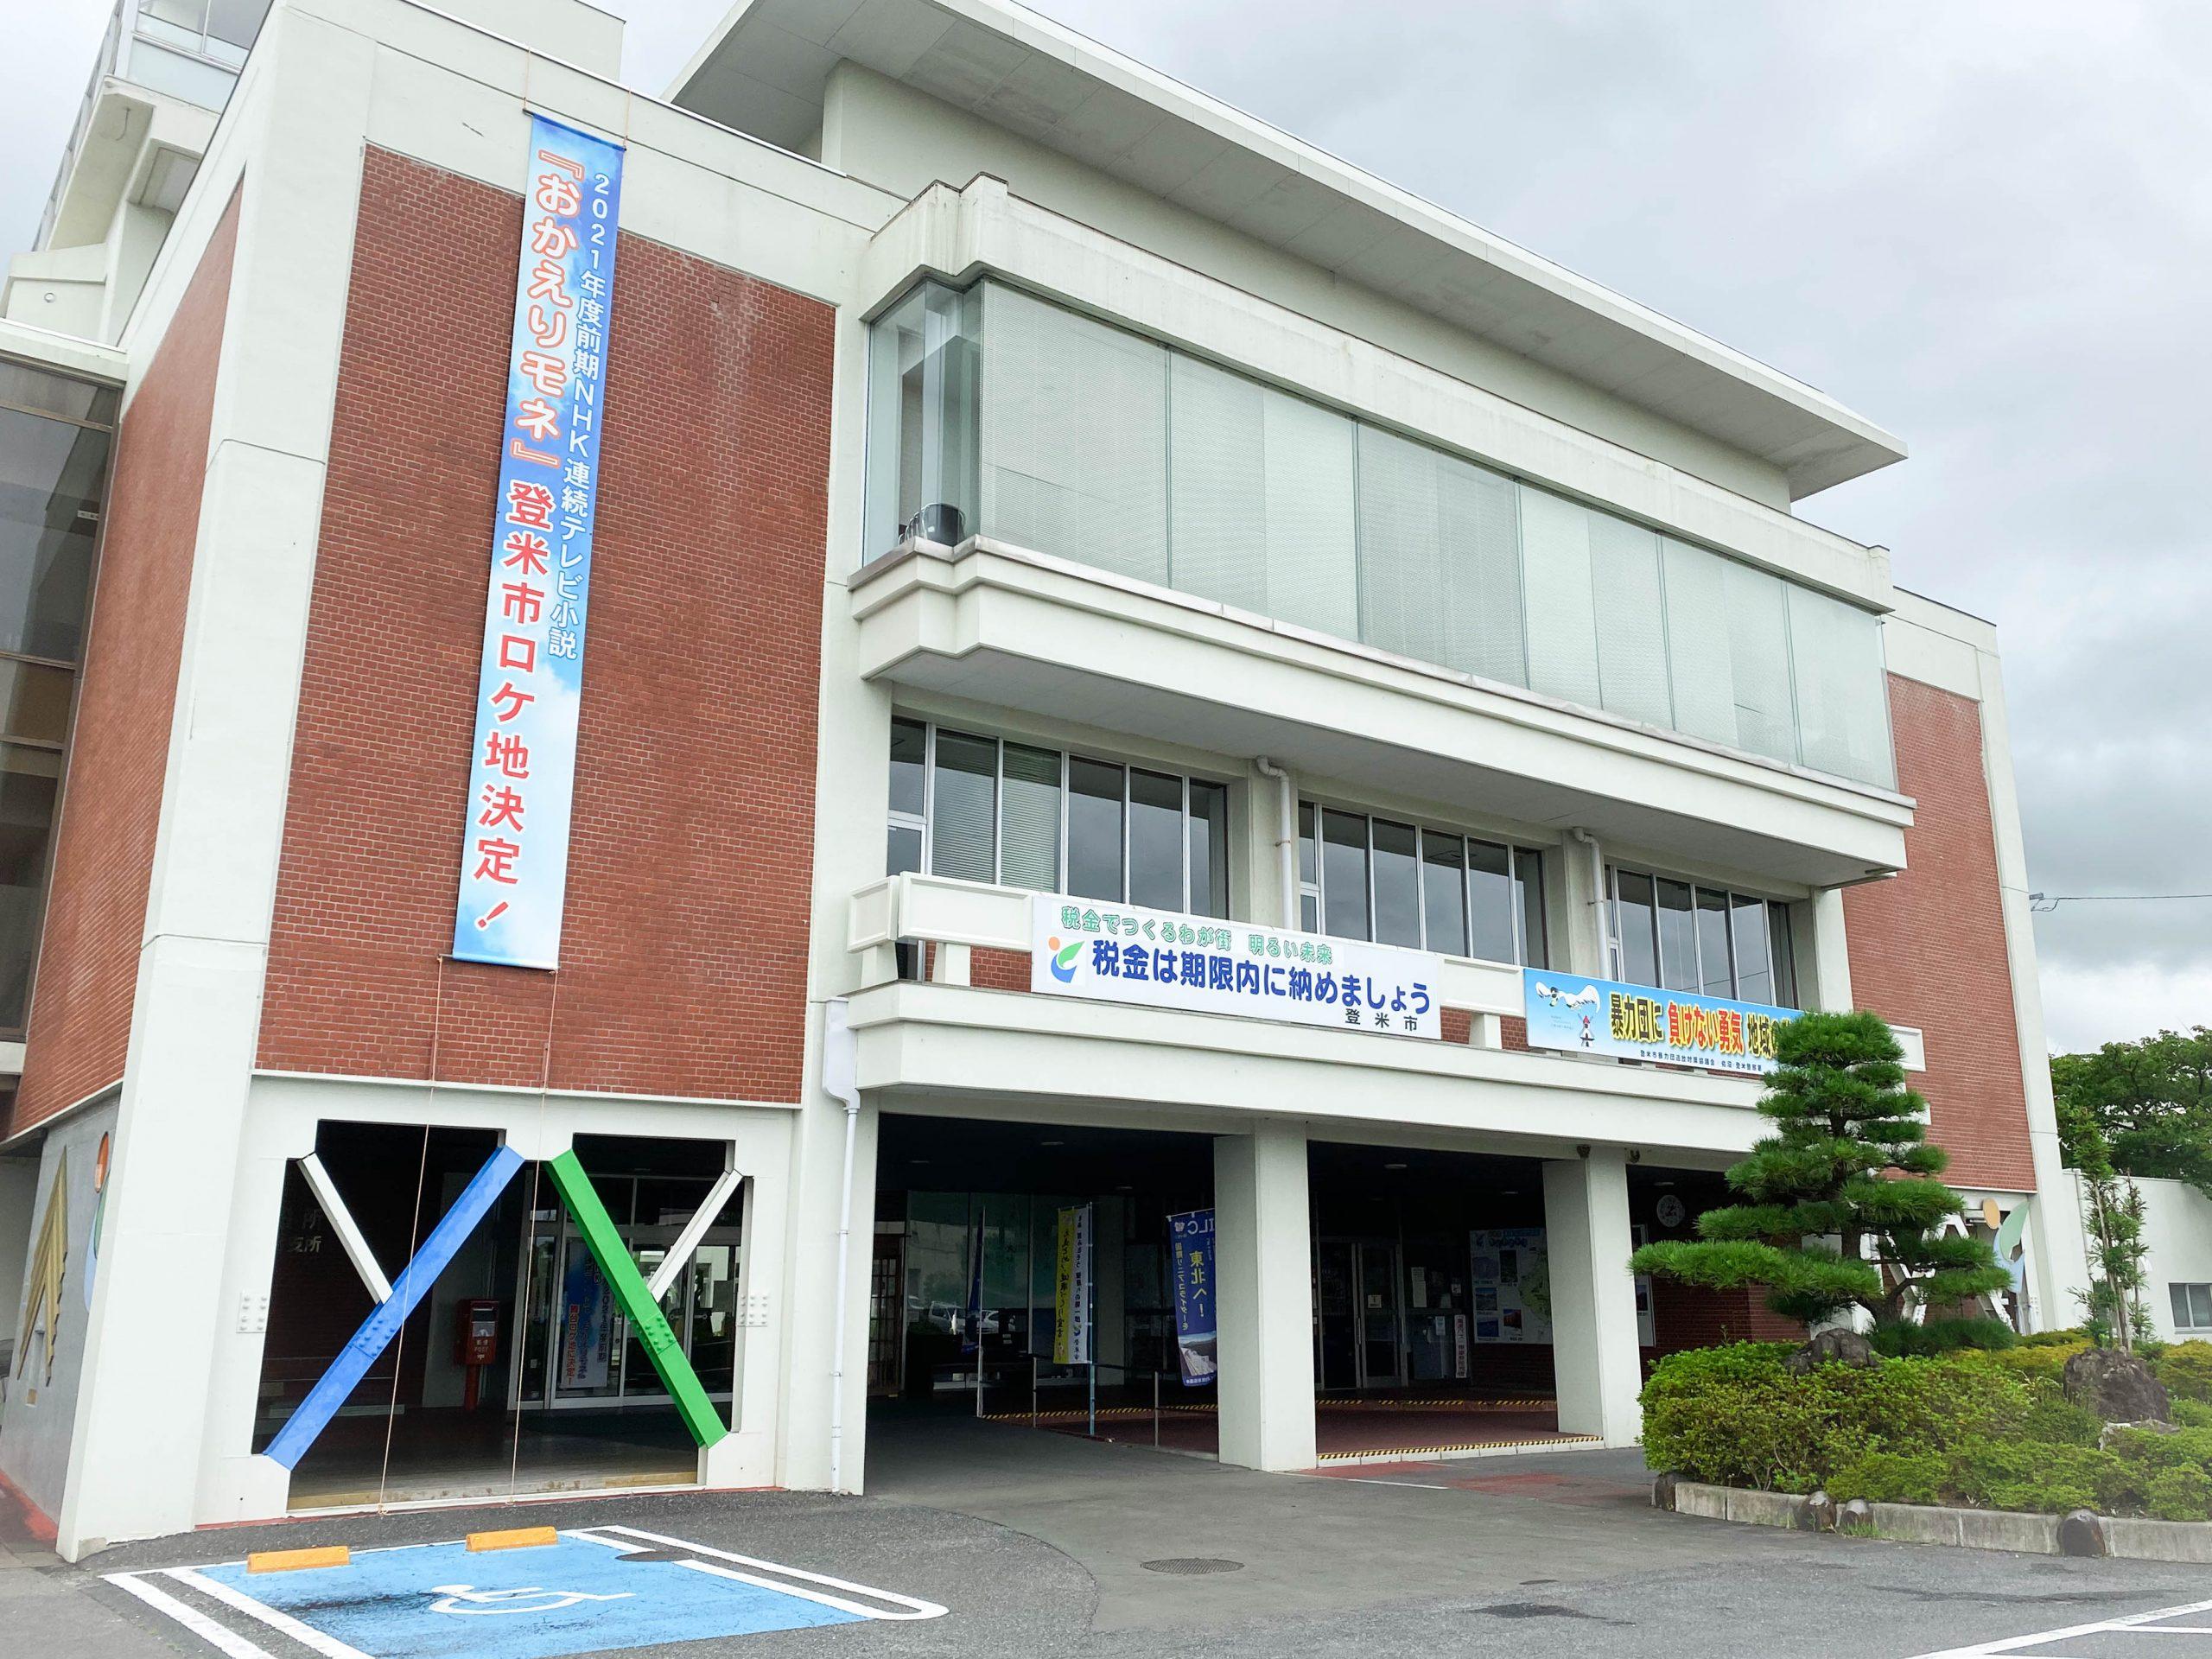 登米市がNHK連続テレビ小説のロケ地に決定